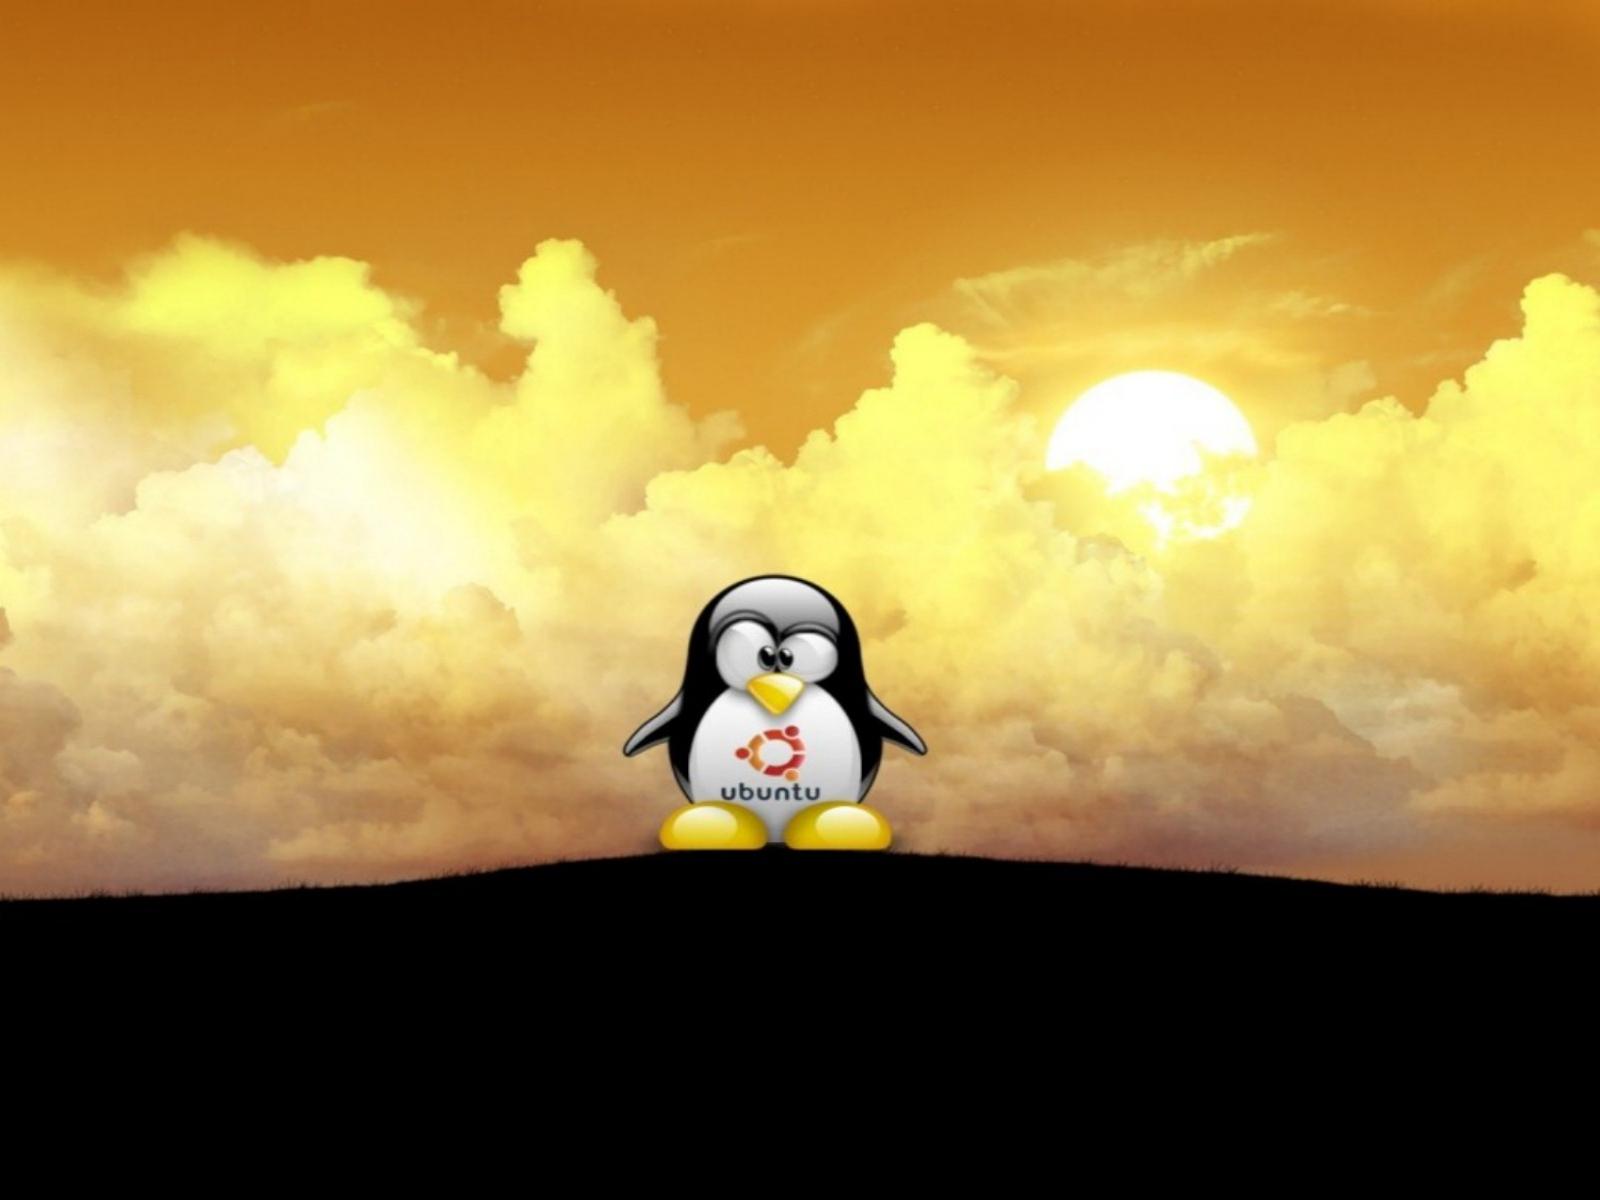 Best Friend Wallpapers For Iphone Penguin ubuntu wallpaper tux 1600x1200